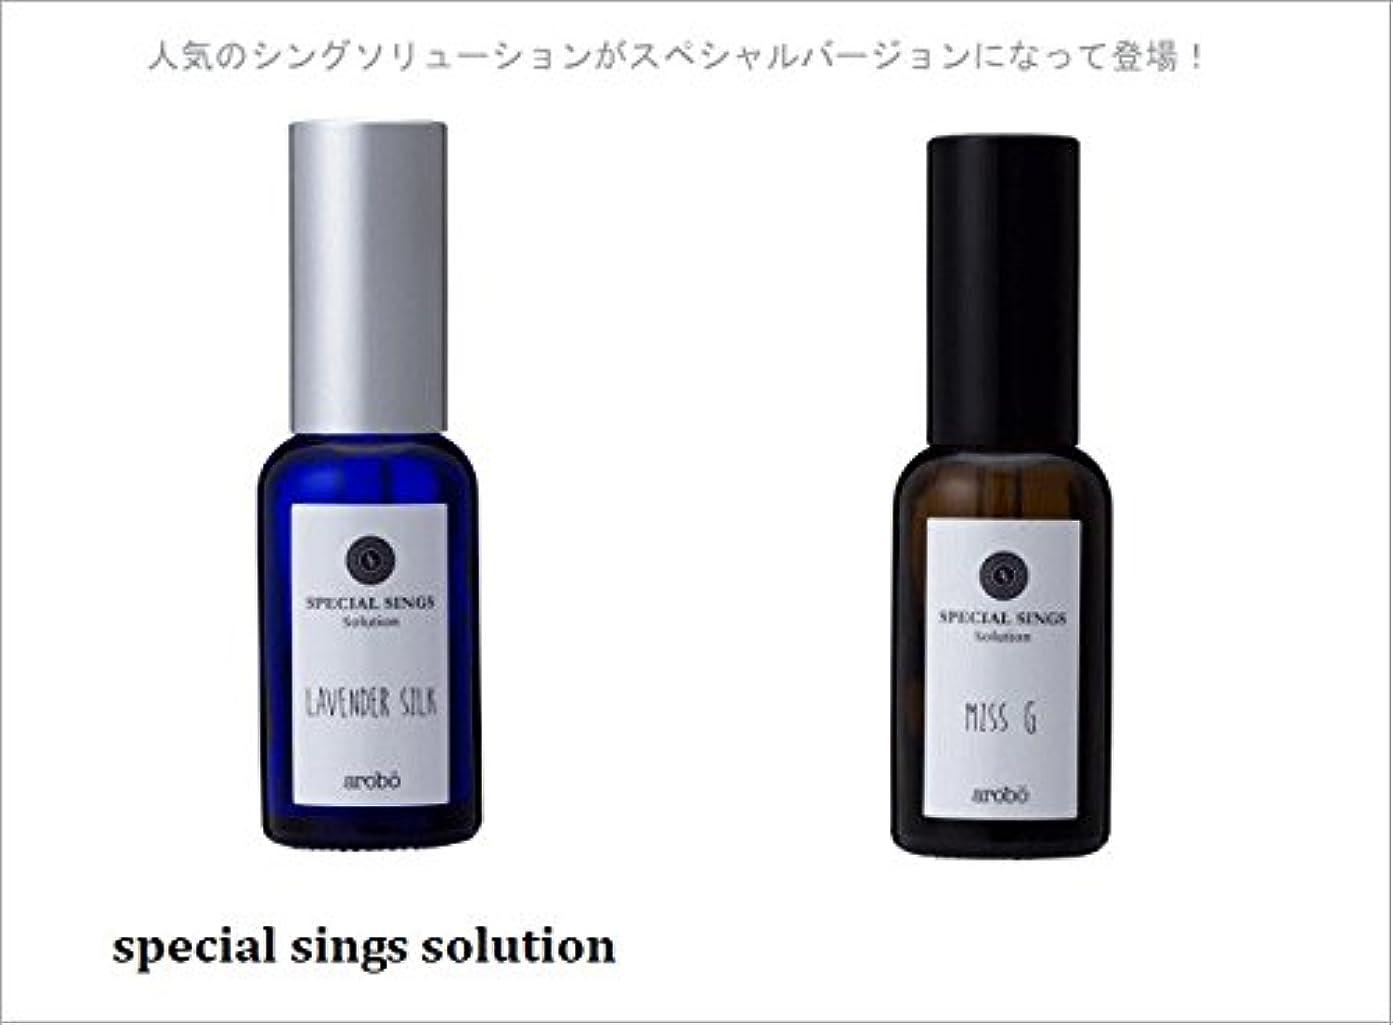 やりがいのあるサーカスコマースarobo(アロボ) 専用ソリューション CLV- 831 Lavender Silk